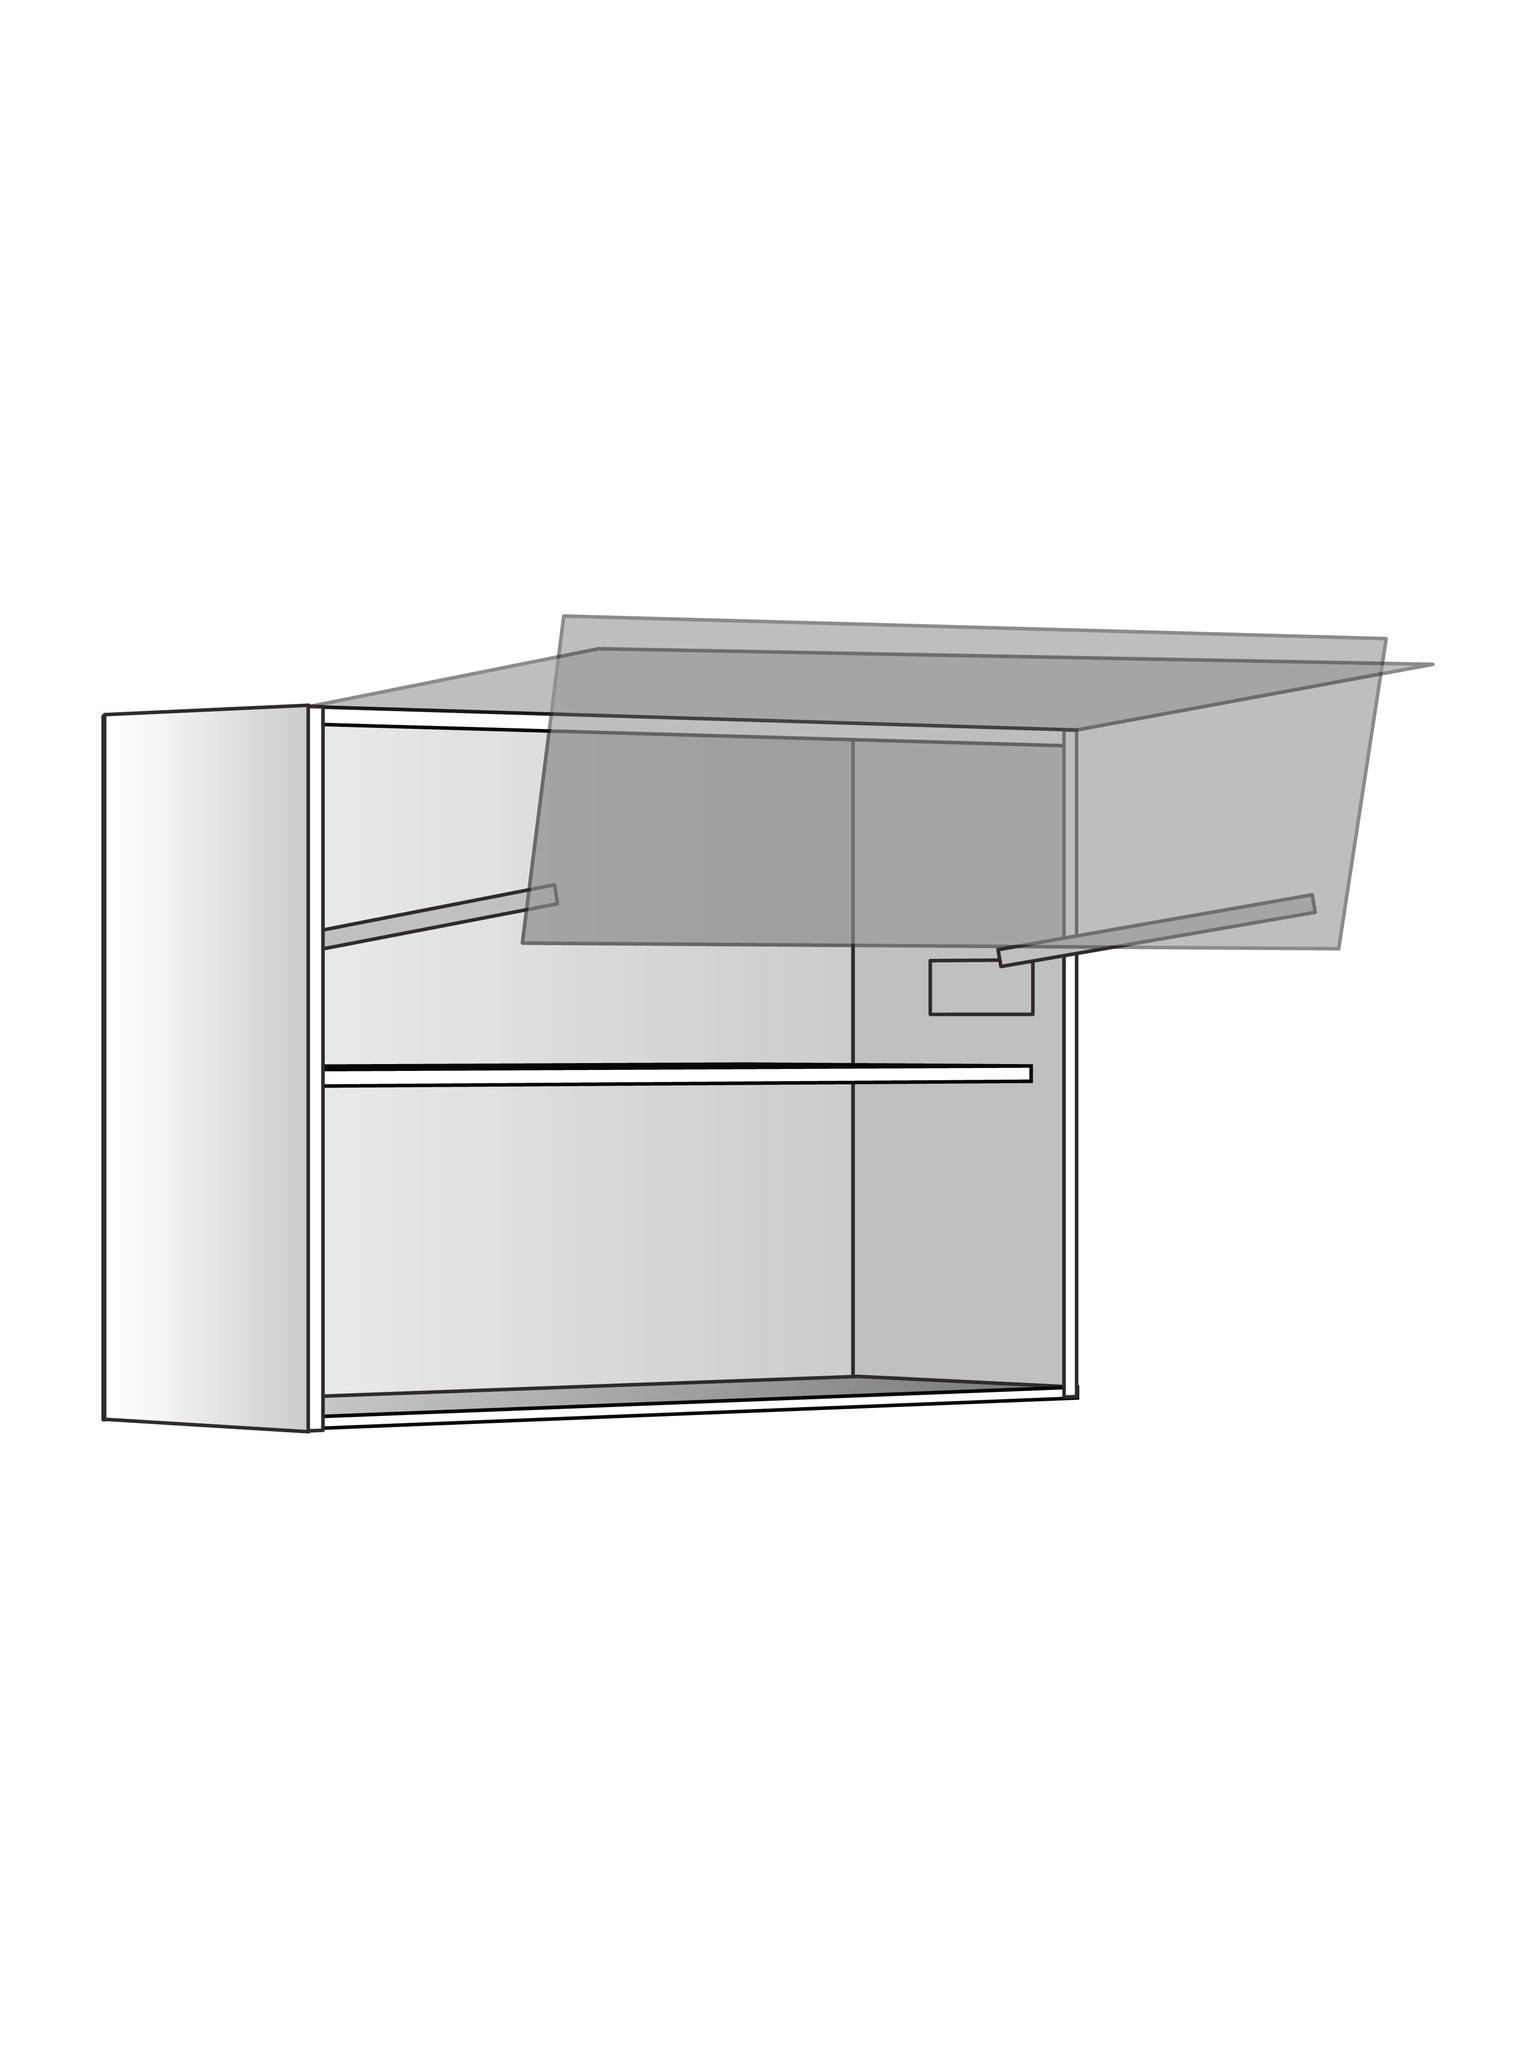 Верхний шкаф c полкой и подъемником, 600х800 мм